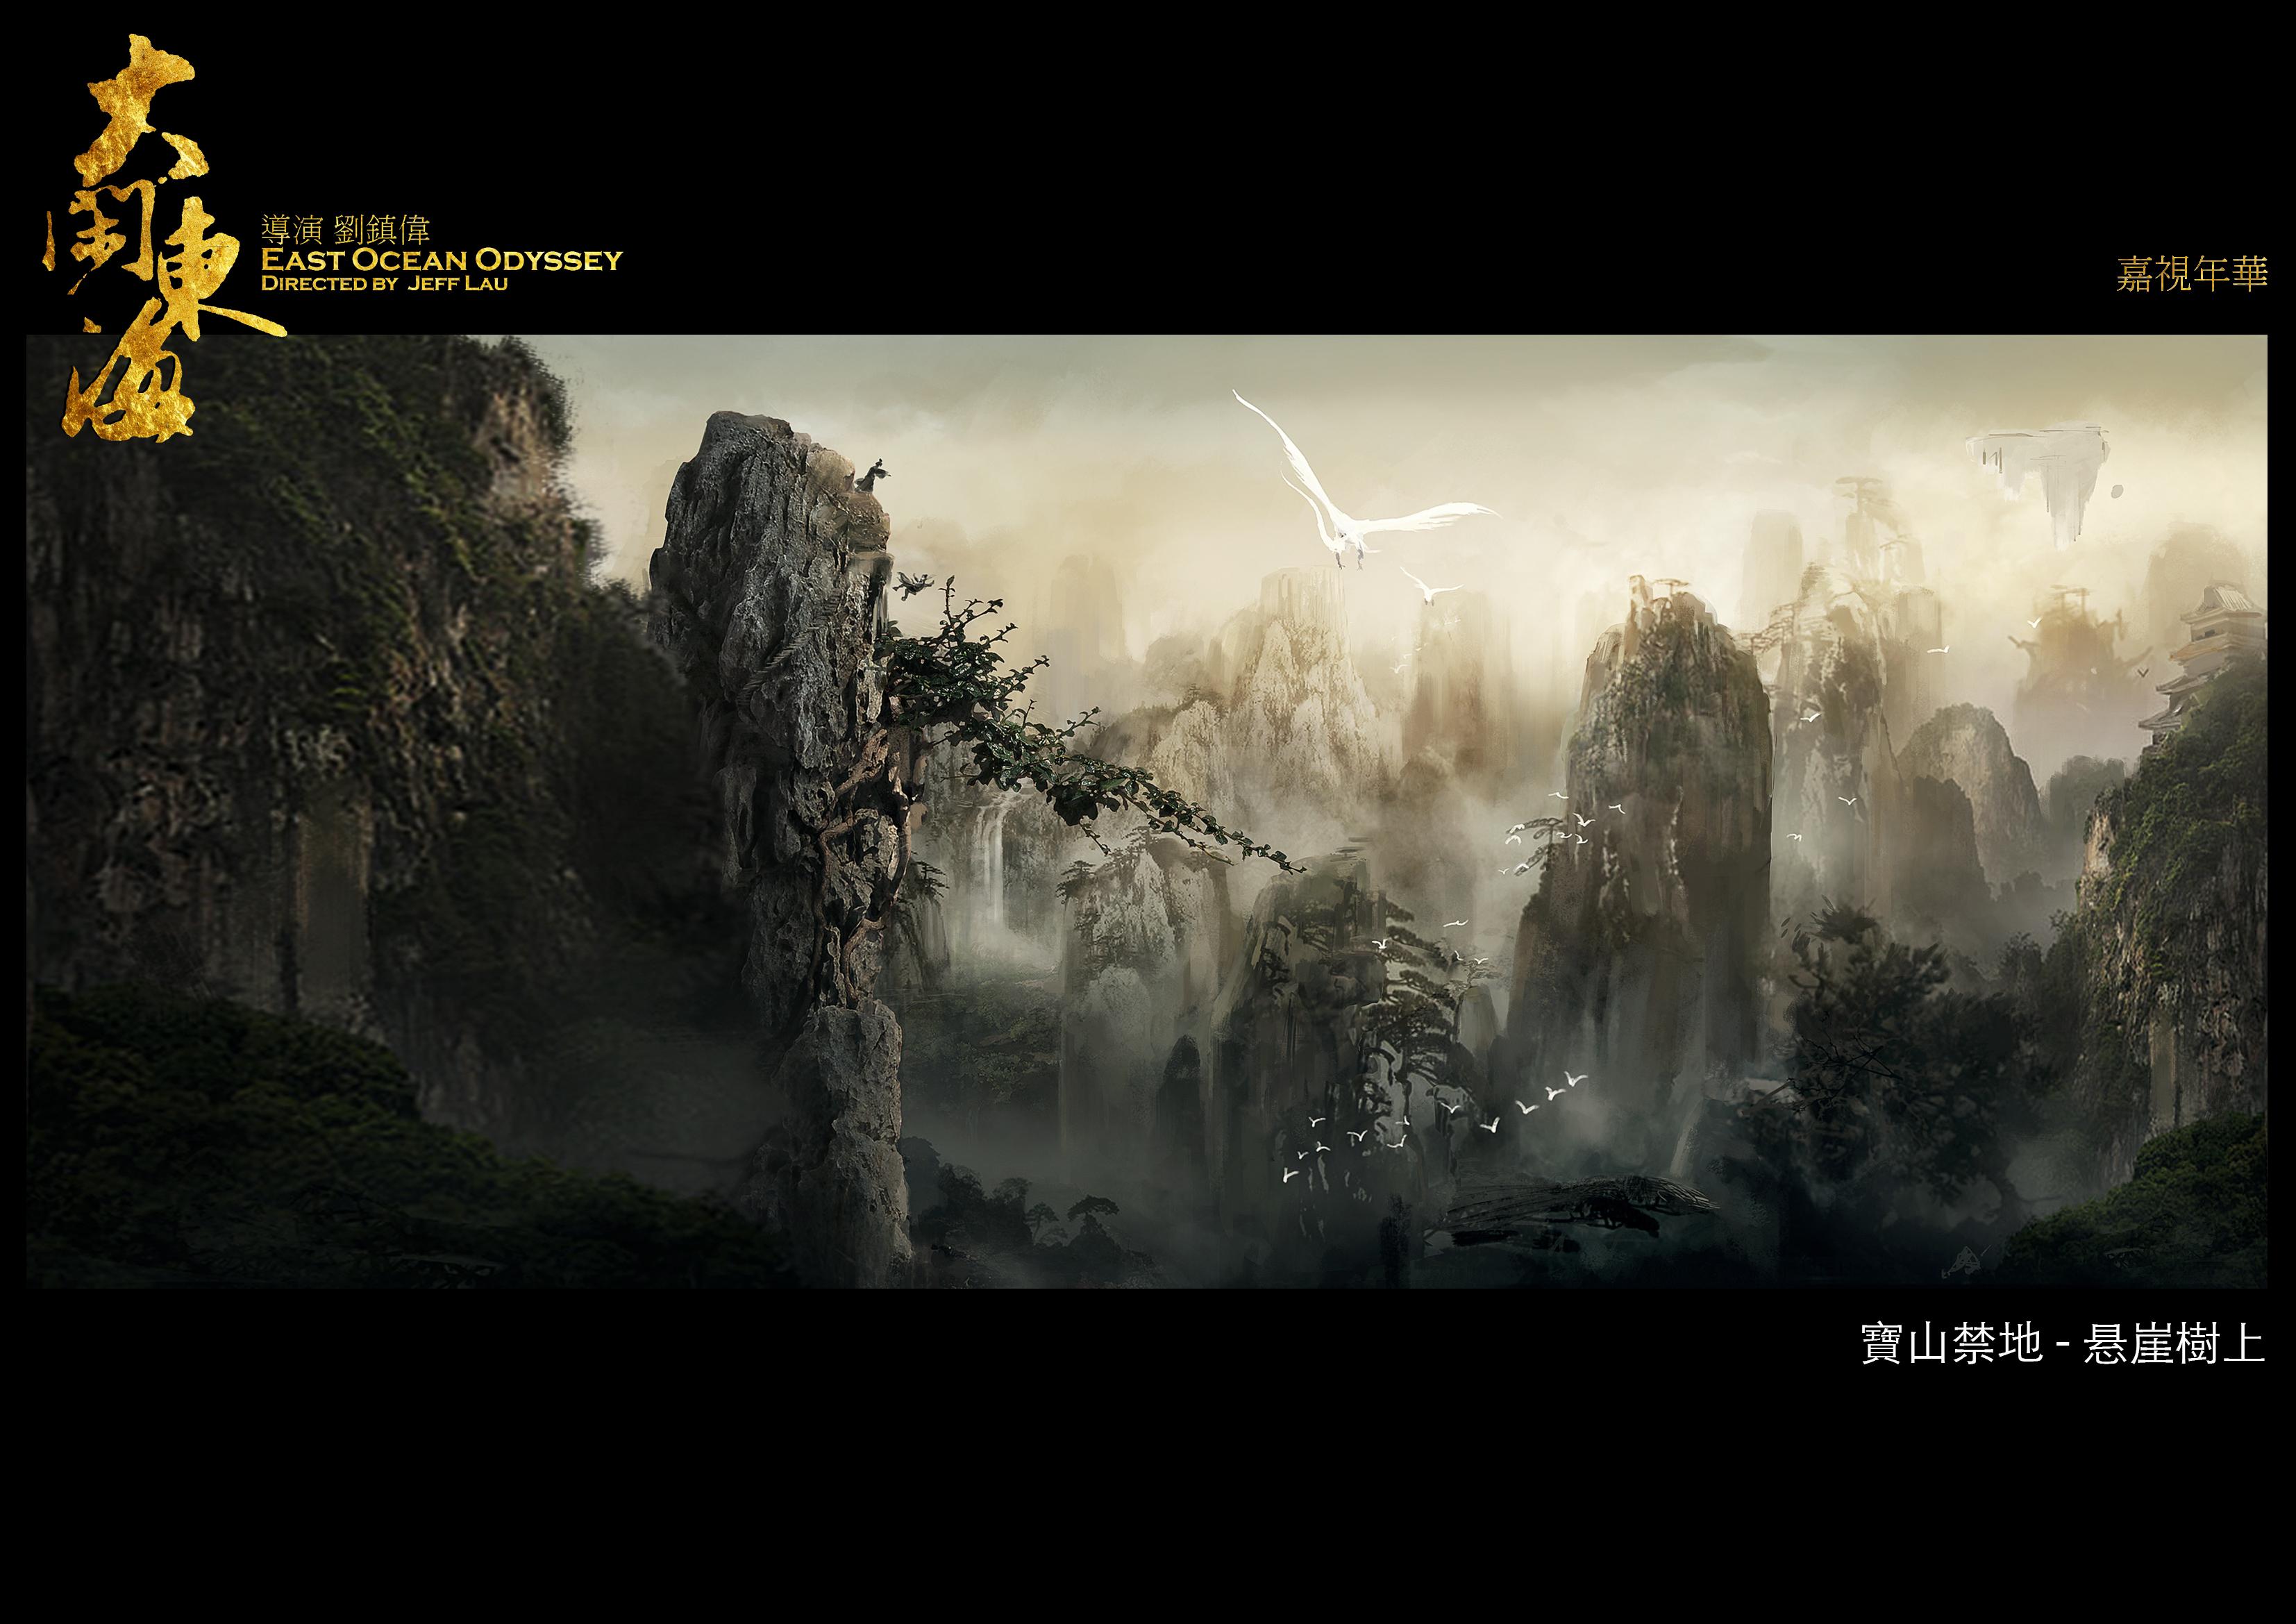 0-寶山禁地 - 悬崖樹上